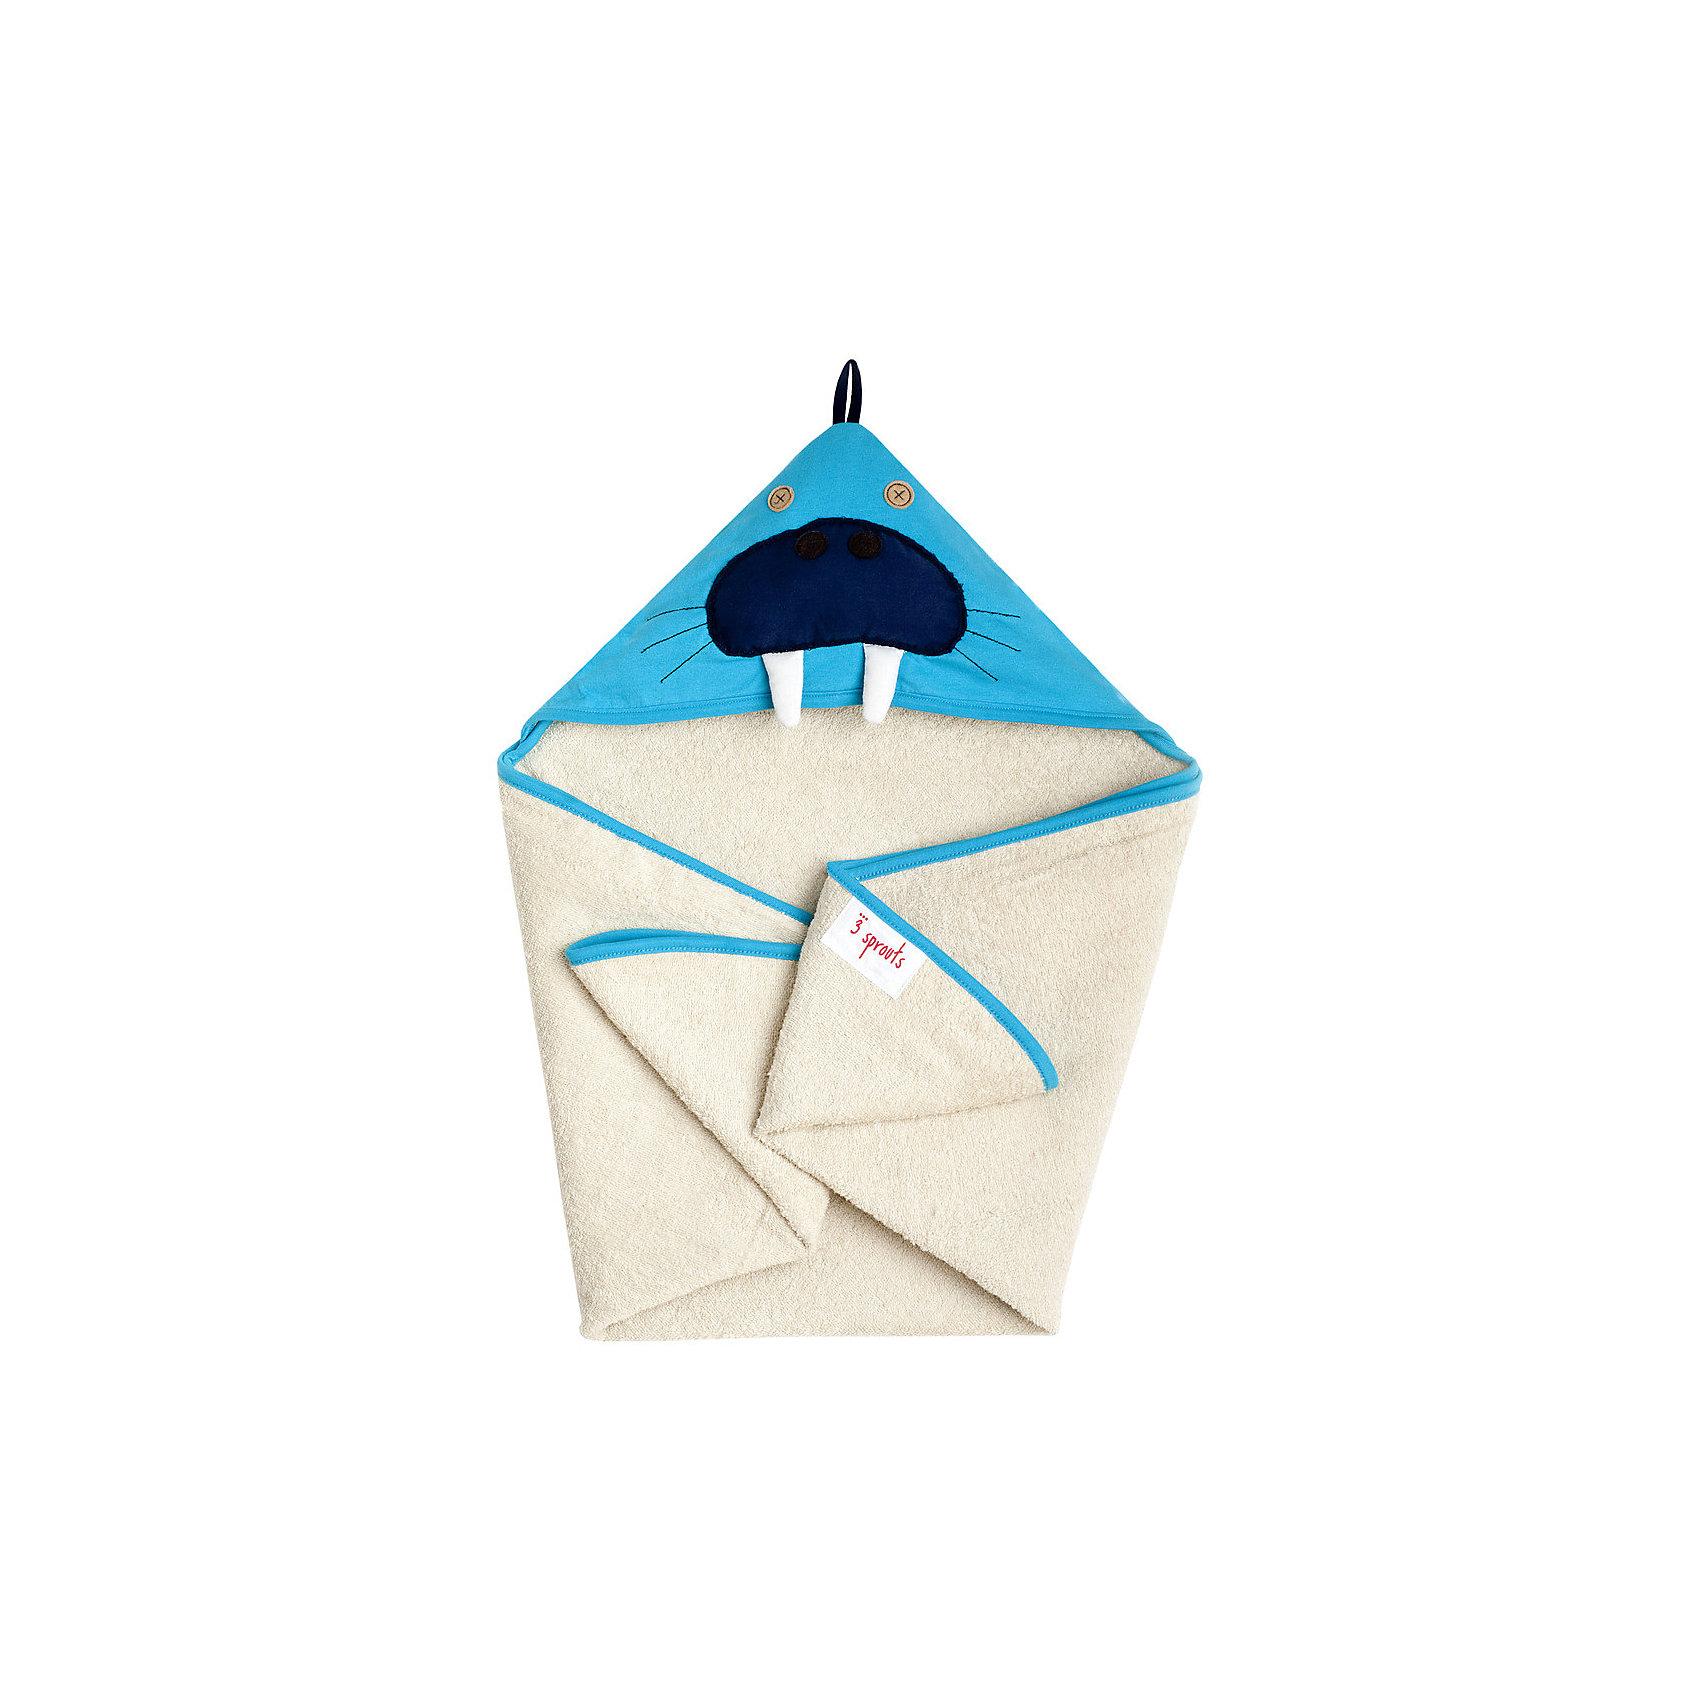 Полотенце с капюшоном Морж (Blue Walrus), 3 SproutsПолотенца, мочалки, халаты<br>Милое полотенце для маленькой крохи. Махровое изнутри, а внешний слой изготовлен из 100% хлопка. <br><br>Дополнительная информация:<br><br>- Размер полотенца: 76х76 см.<br>- Материал: 100% хлопок снаружи, махровая ткань изнутри.<br>- Уход: деликатная стирка в холодной воде.<br><br>Купить полотенце с капюшоном Морж (Blue Walrus), можно в нашем магазине.<br><br>Ширина мм: 260<br>Глубина мм: 20<br>Высота мм: 330<br>Вес г: 402<br>Возраст от месяцев: 0<br>Возраст до месяцев: 18<br>Пол: Унисекс<br>Возраст: Детский<br>SKU: 5098203